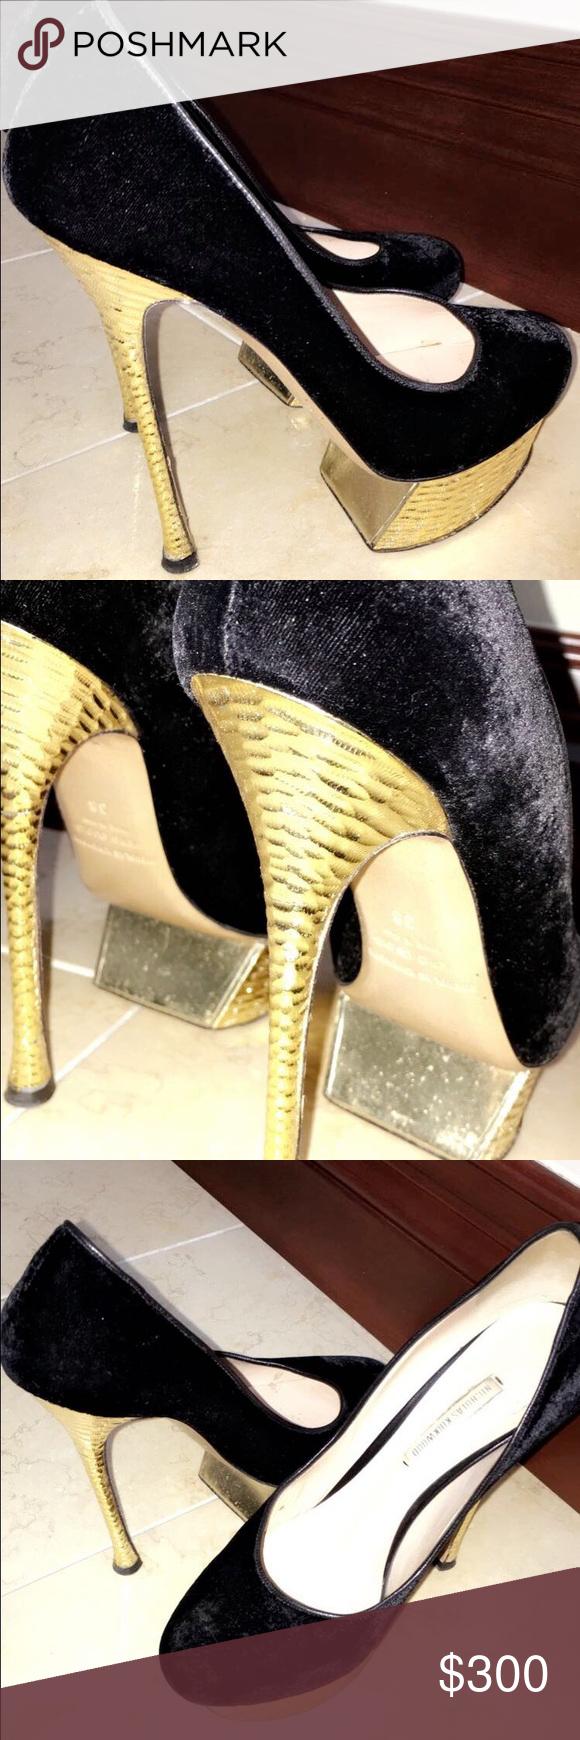 Nicholas kirkwood shoes, Heels, Gold heels